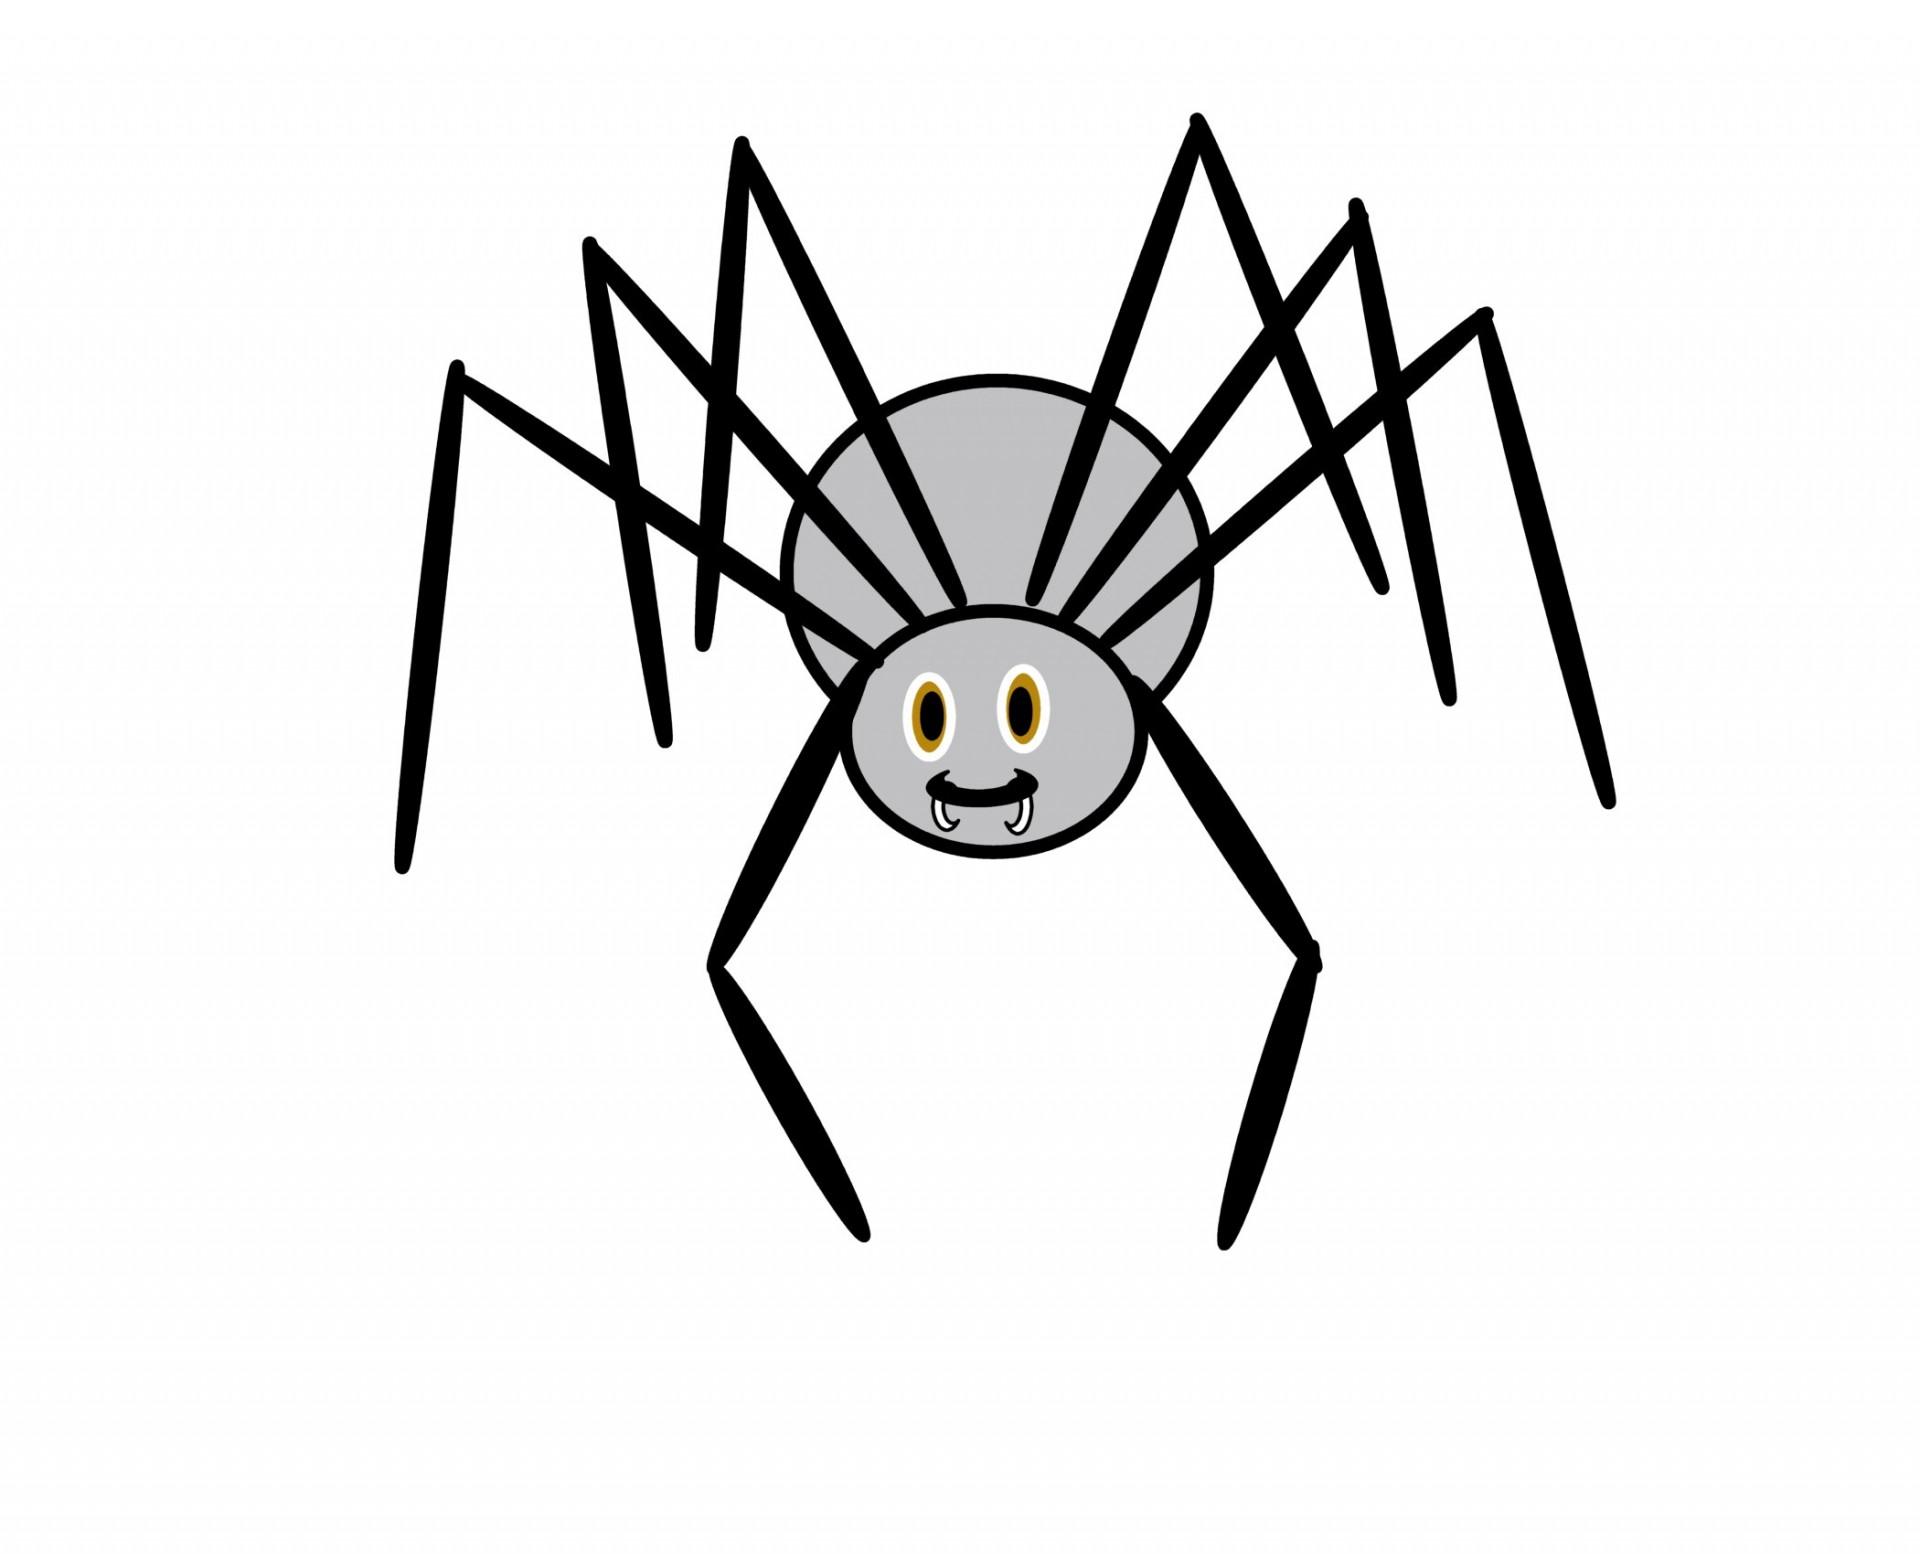 Spider clipart-Spider clipart-4